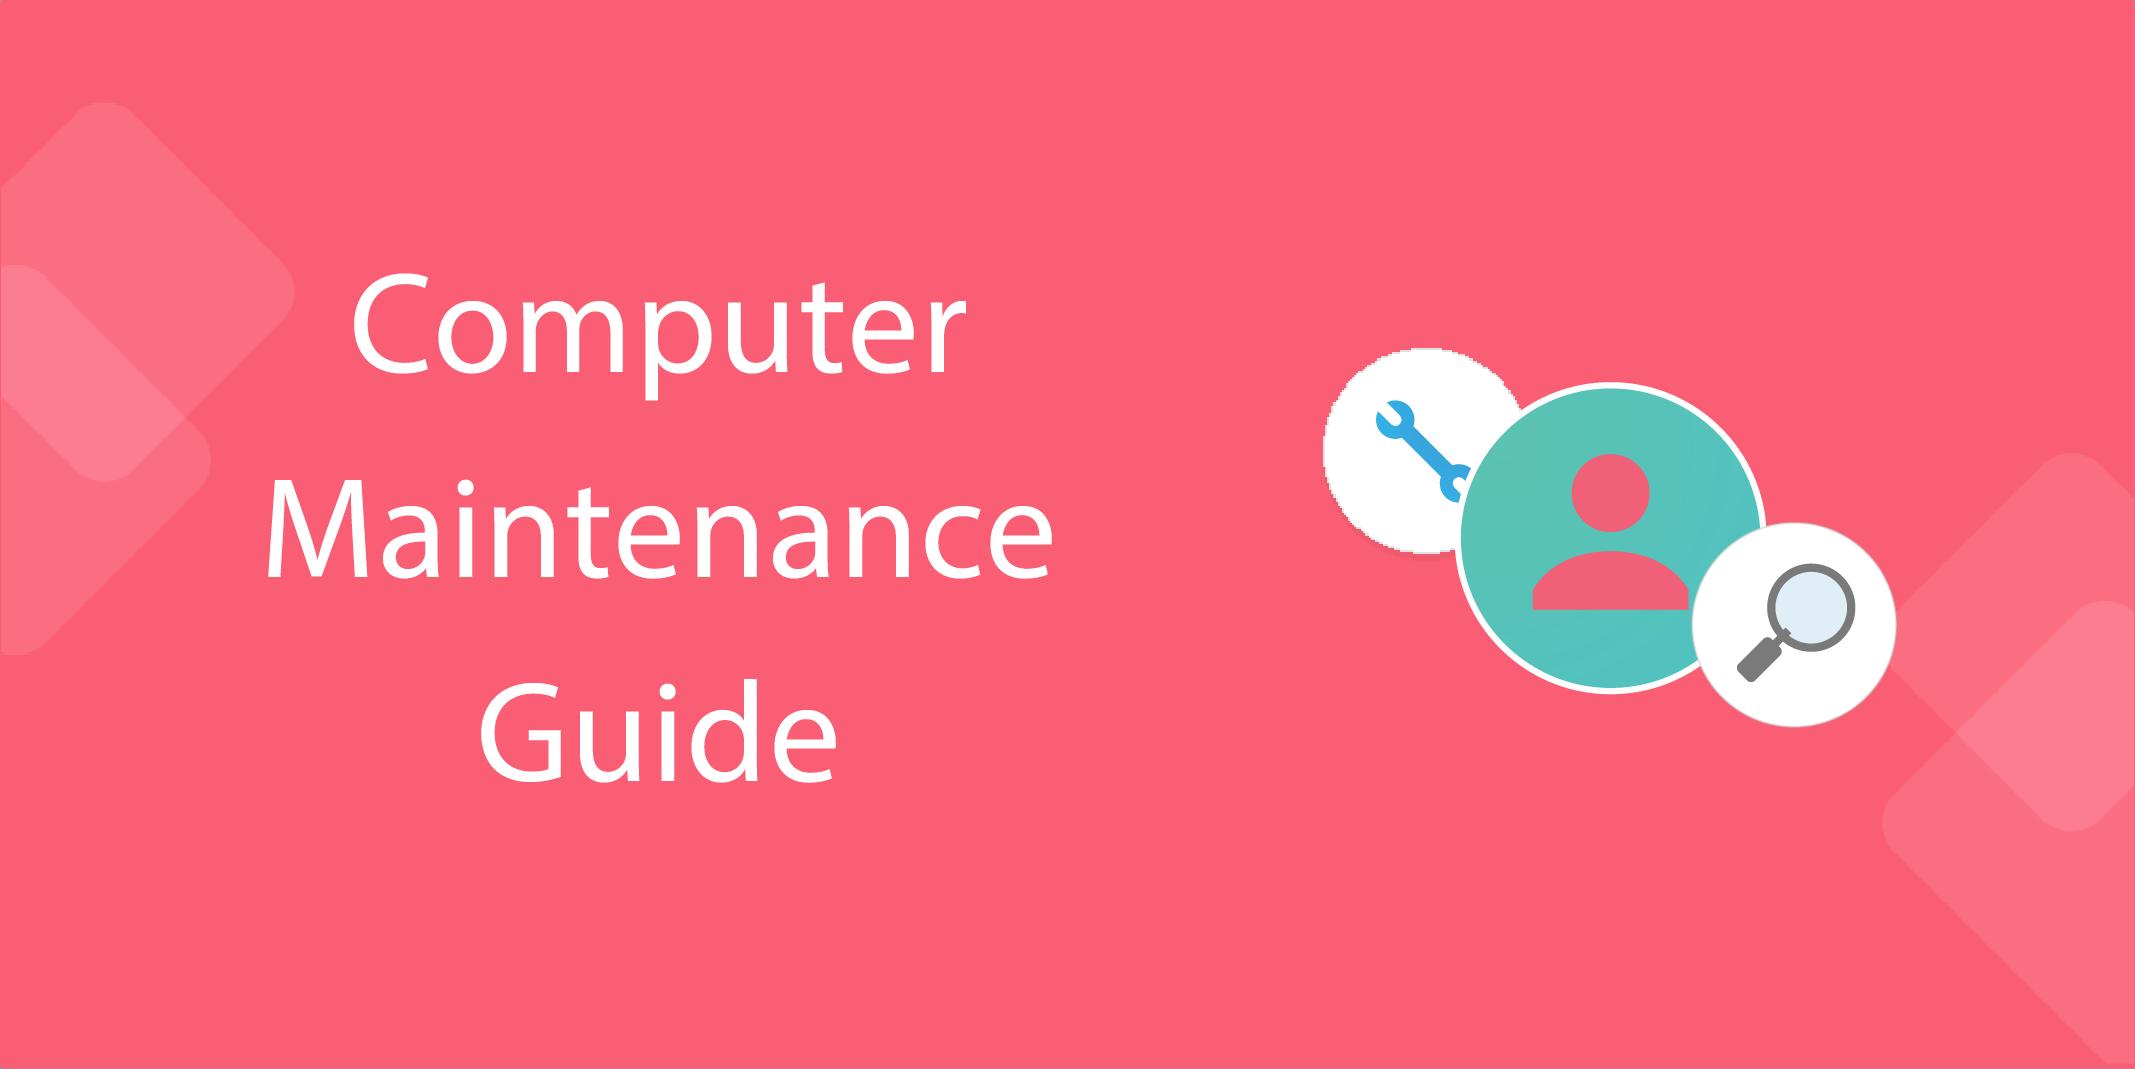 it processes Computer Maintenance Guide